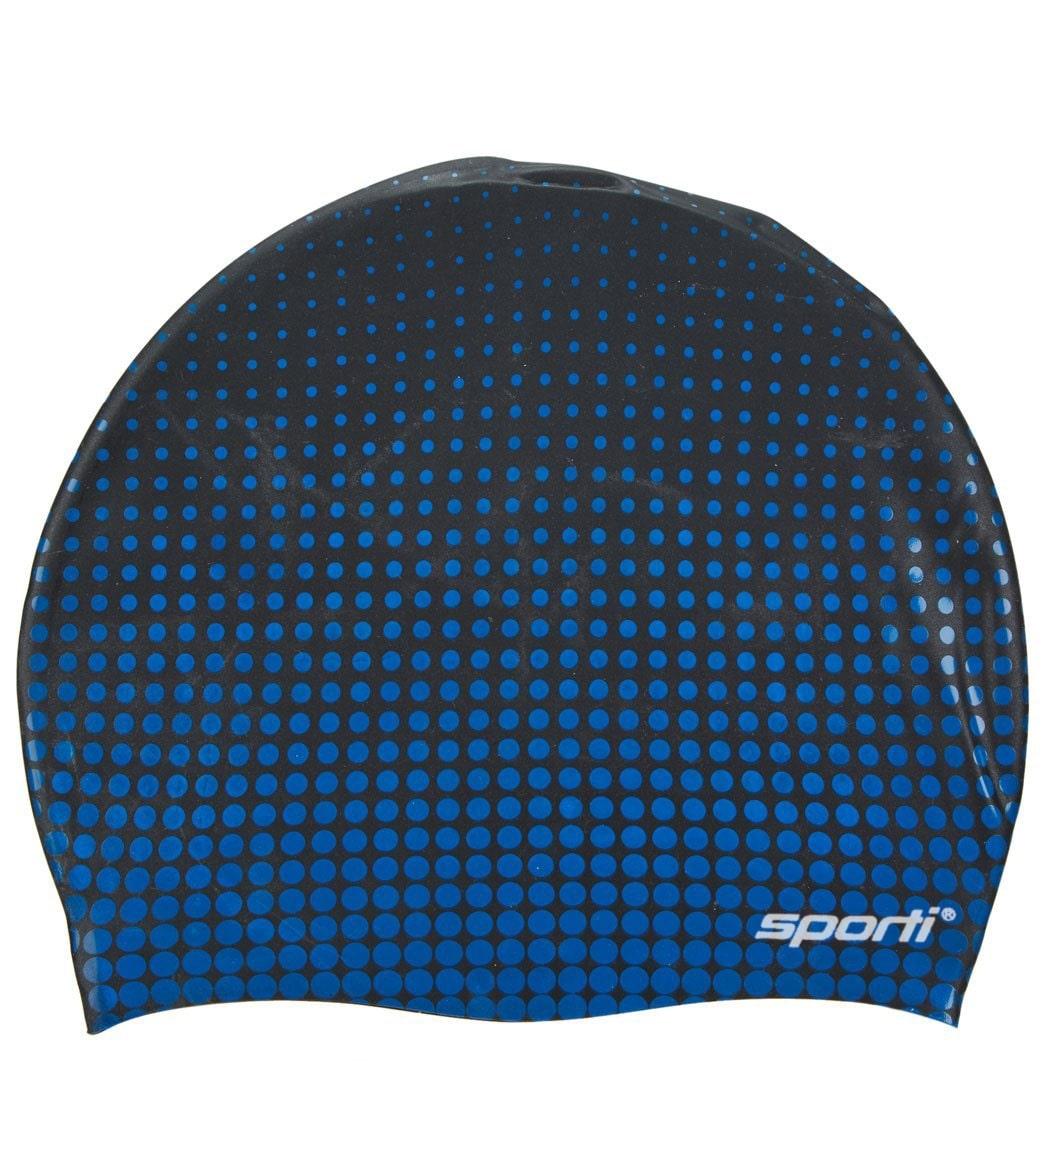 856e18b3ce1 Sporti Molecule Silicone Swim Cap at SwimOutlet.com